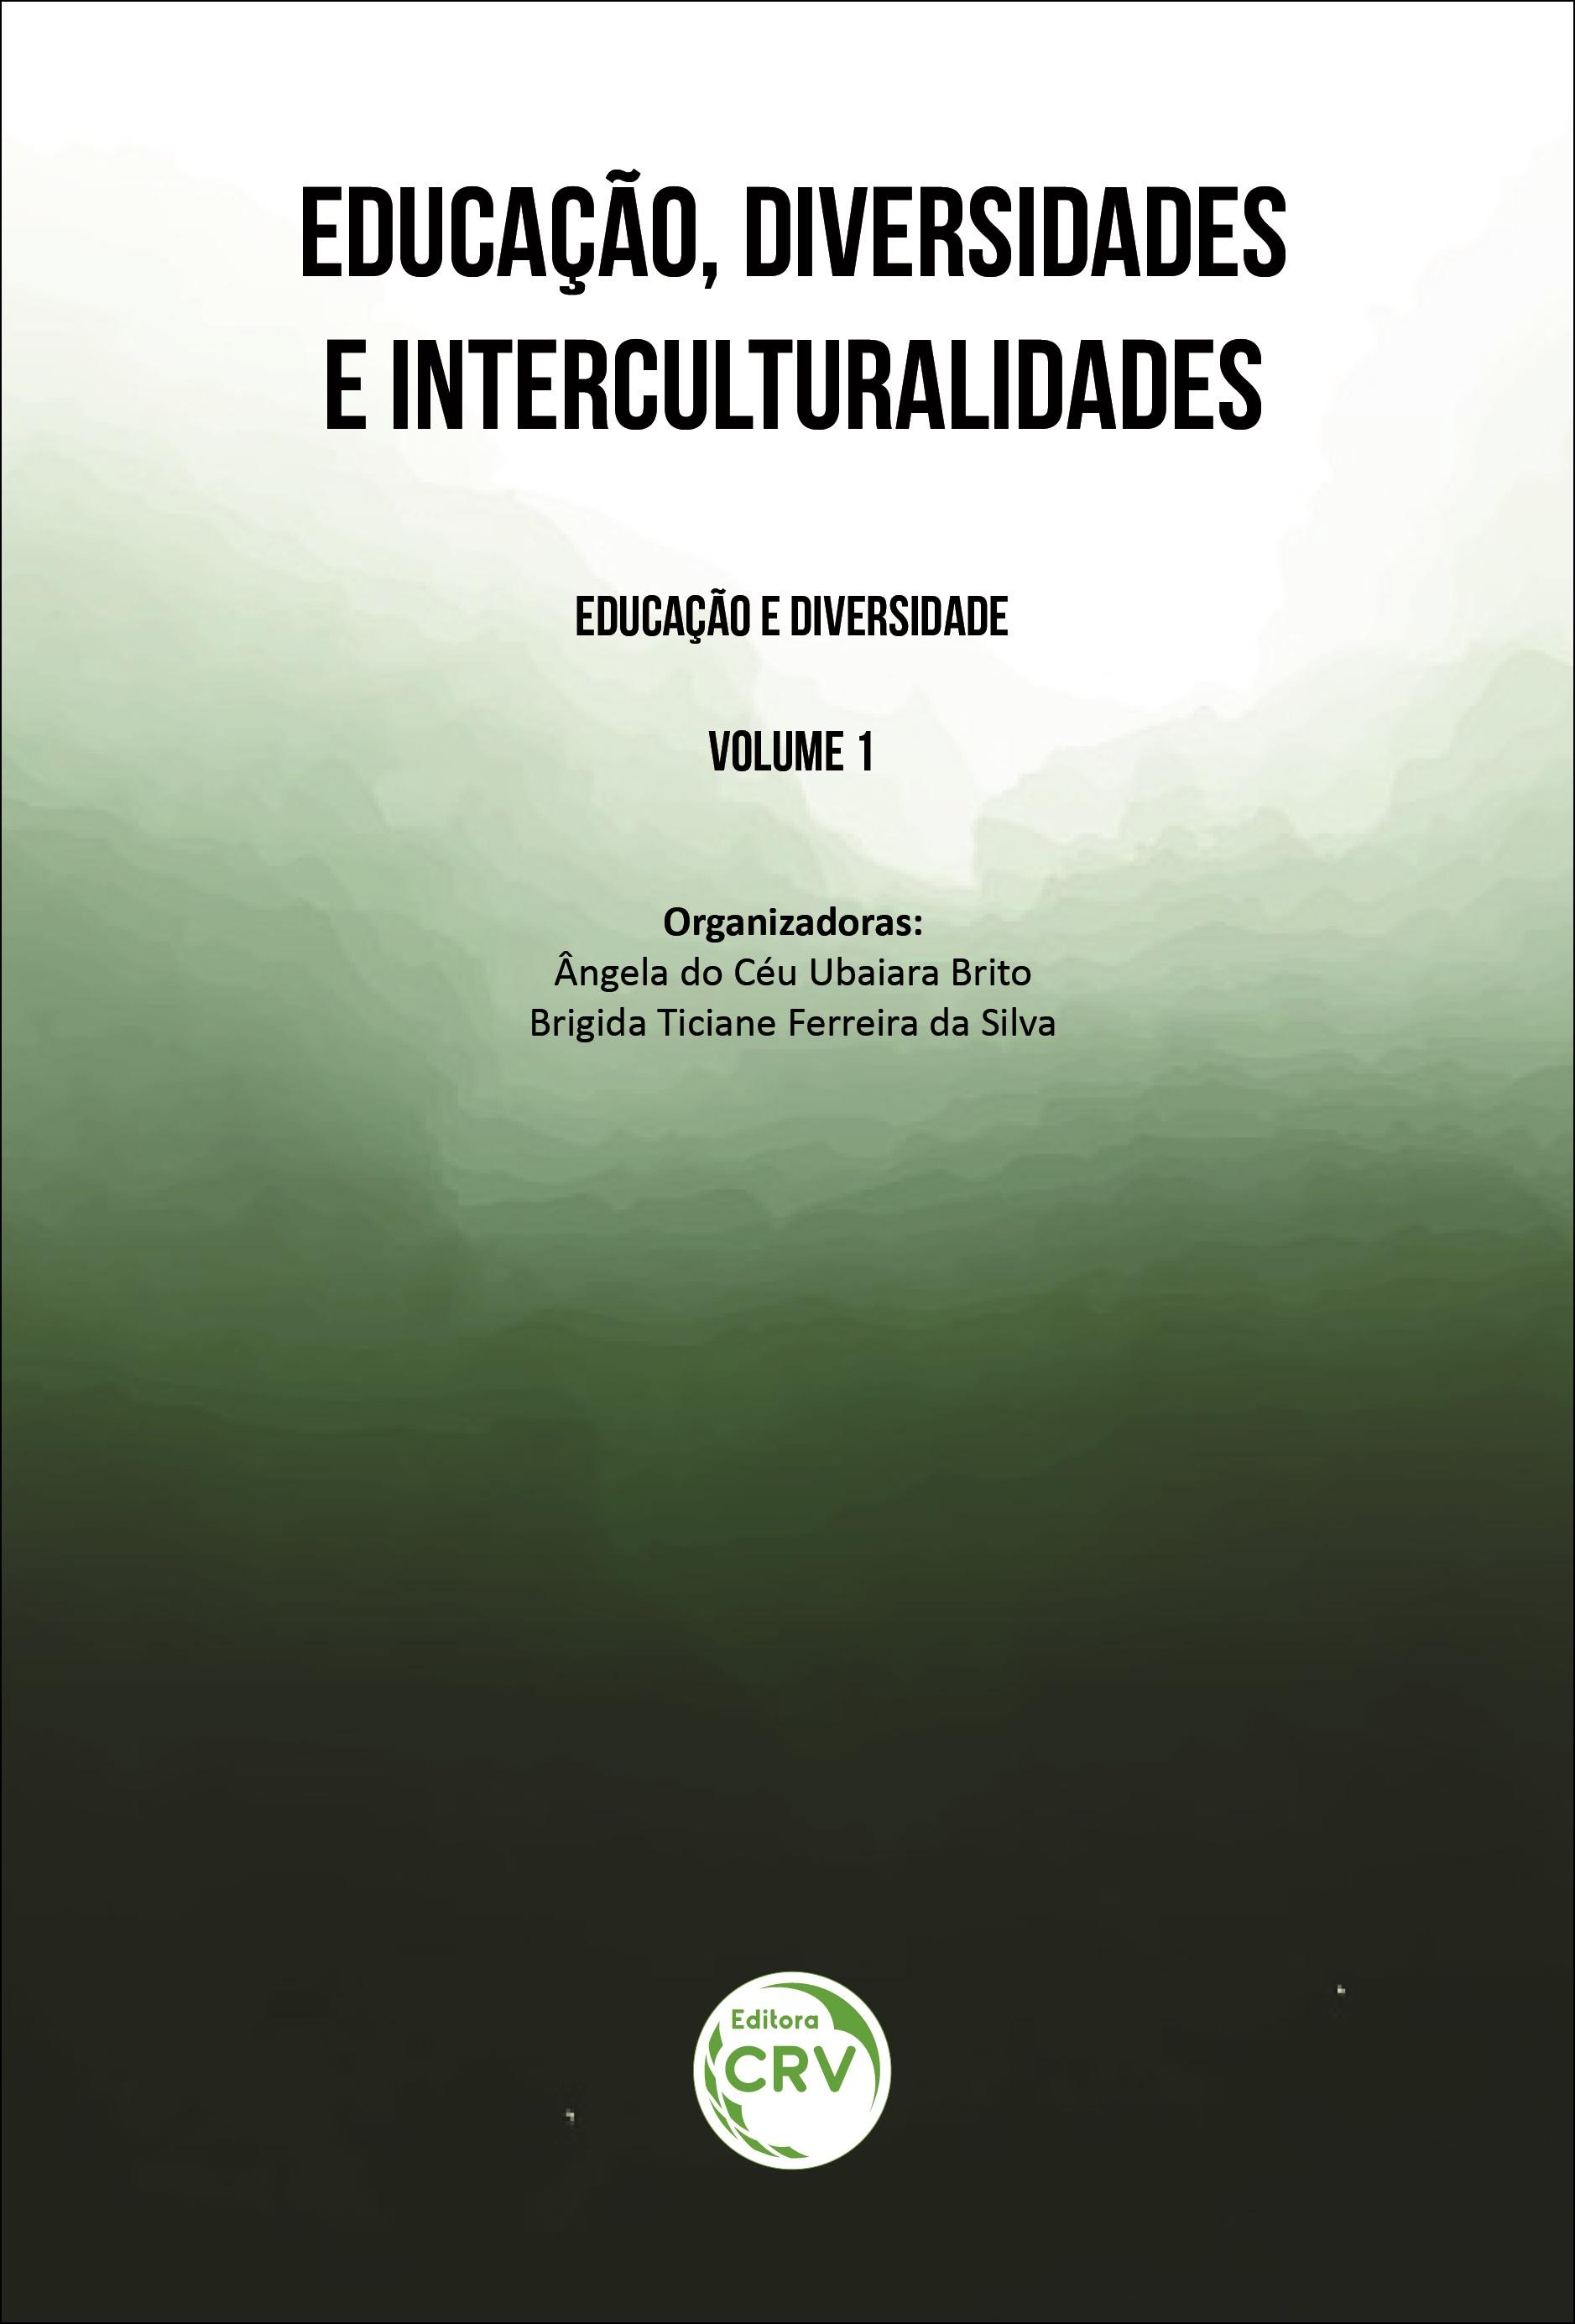 Capa do livro: EDUCAÇÃO, DIVERSIDADES E INTERCULTURALIDADES <br> Coleção Educação e diversidade <br>Volume 1